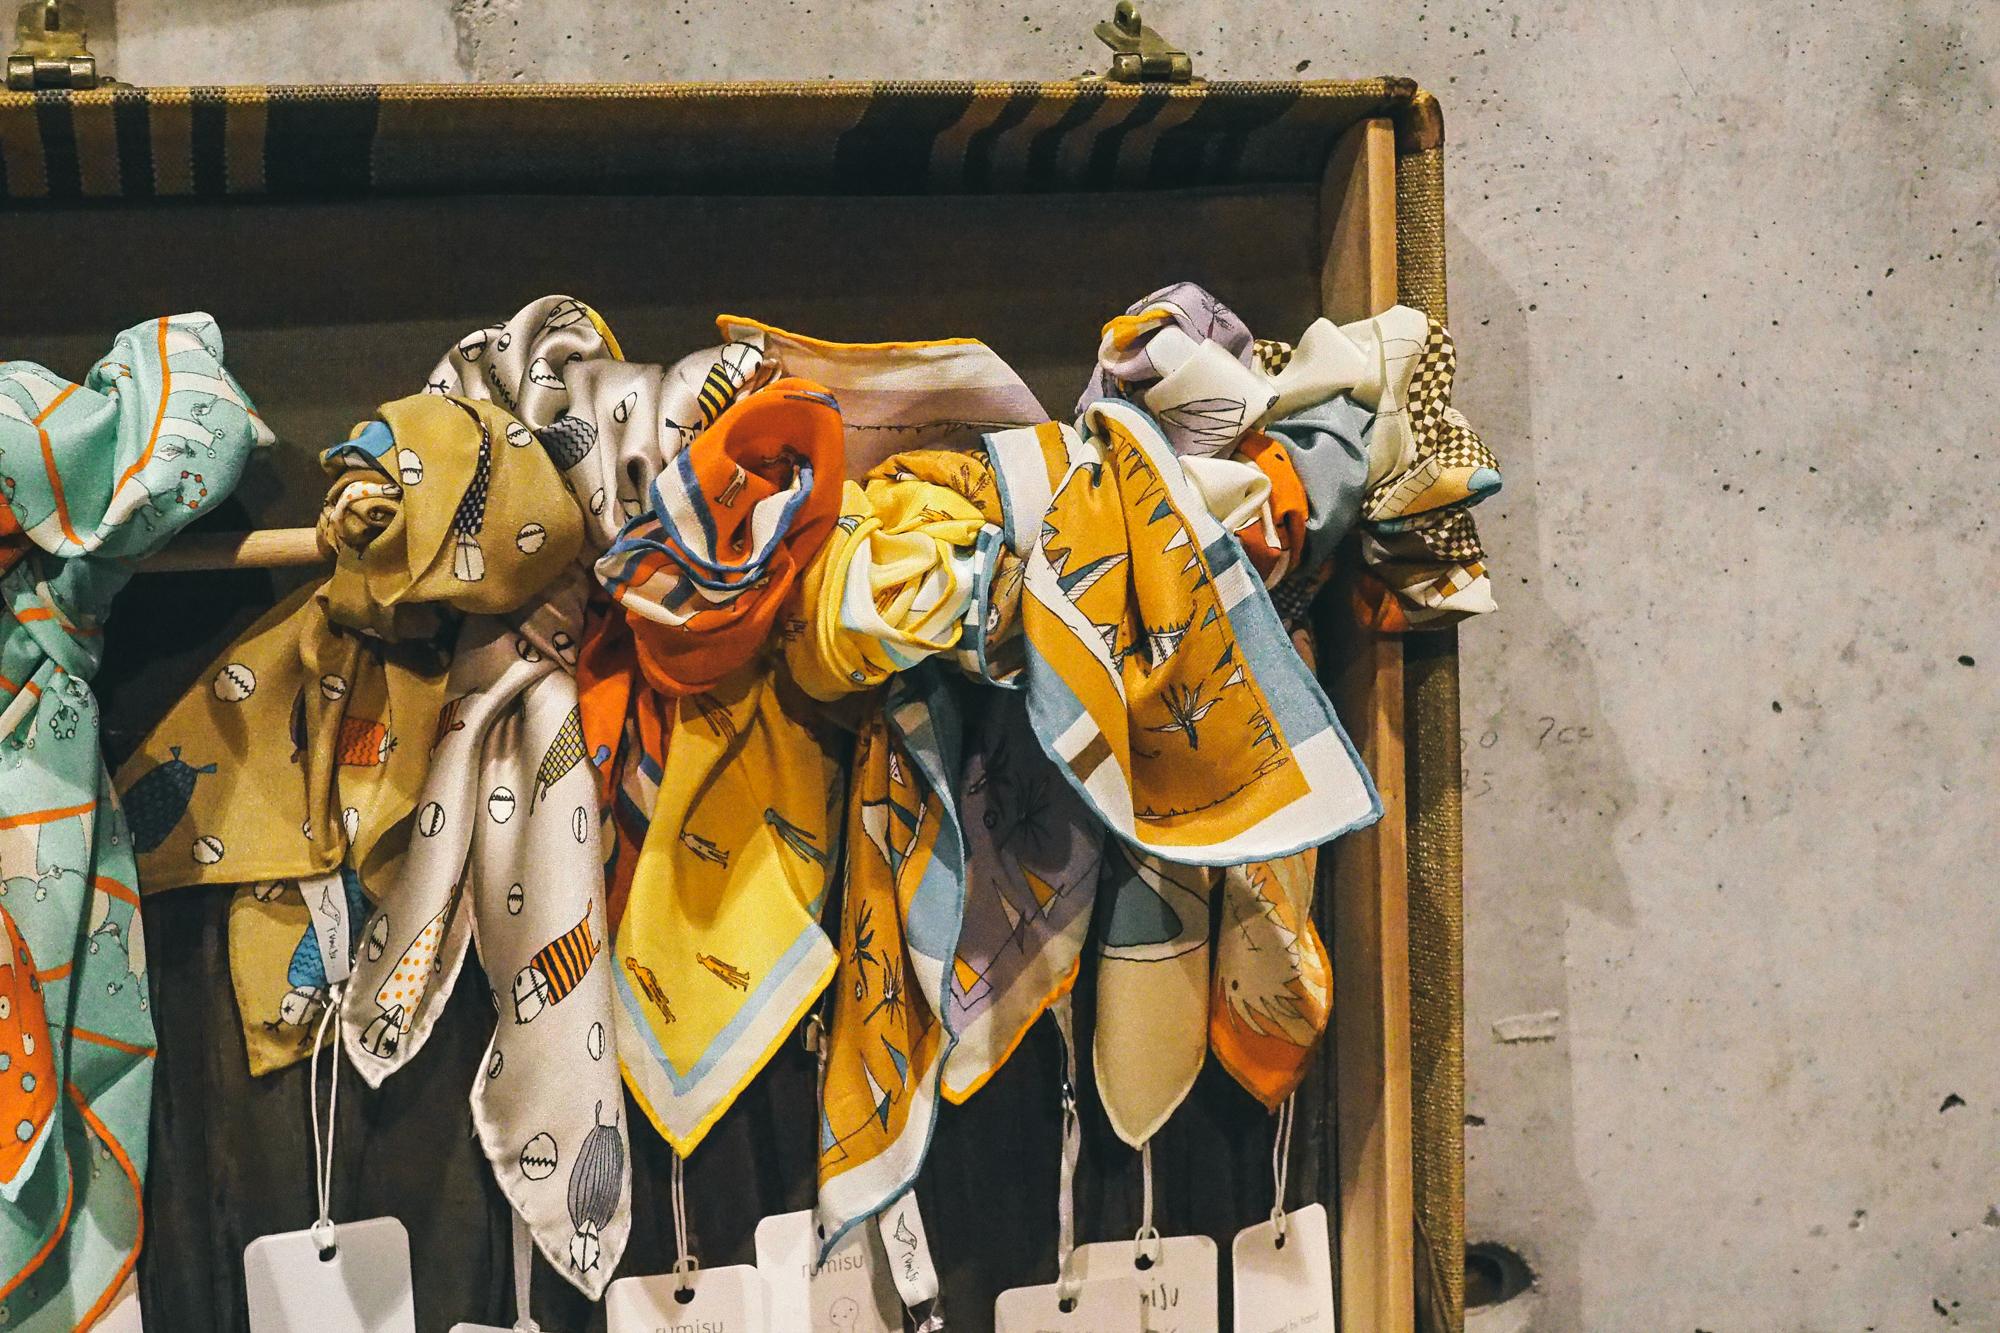 billur saatci, offnegiysem, turkish style blogger, street style, fashion, ootd, blogger, istanbul, maid in love, mudo, paper atelier, petra, muse istanbul, holiday market, yeni yıl, yılbaşı alışverişi, maske yapımı, youtube,